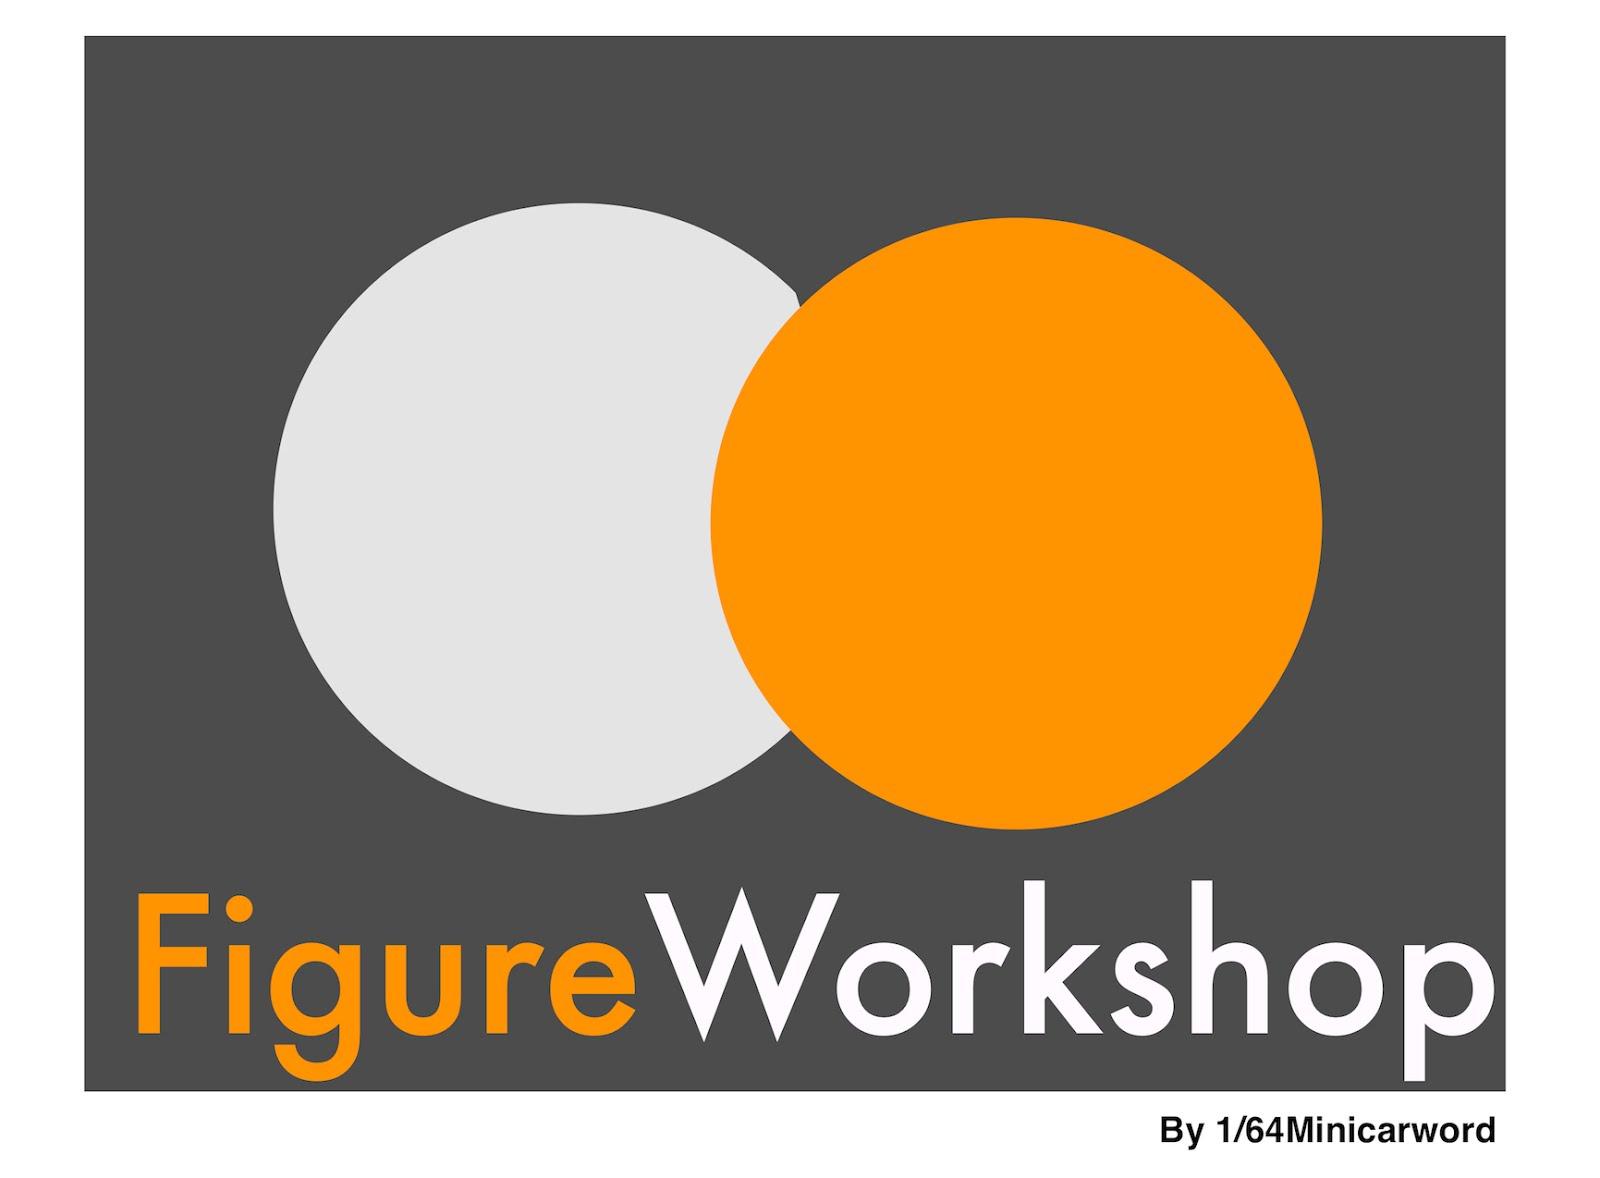 FigureWorkShop Online Shop in eBay